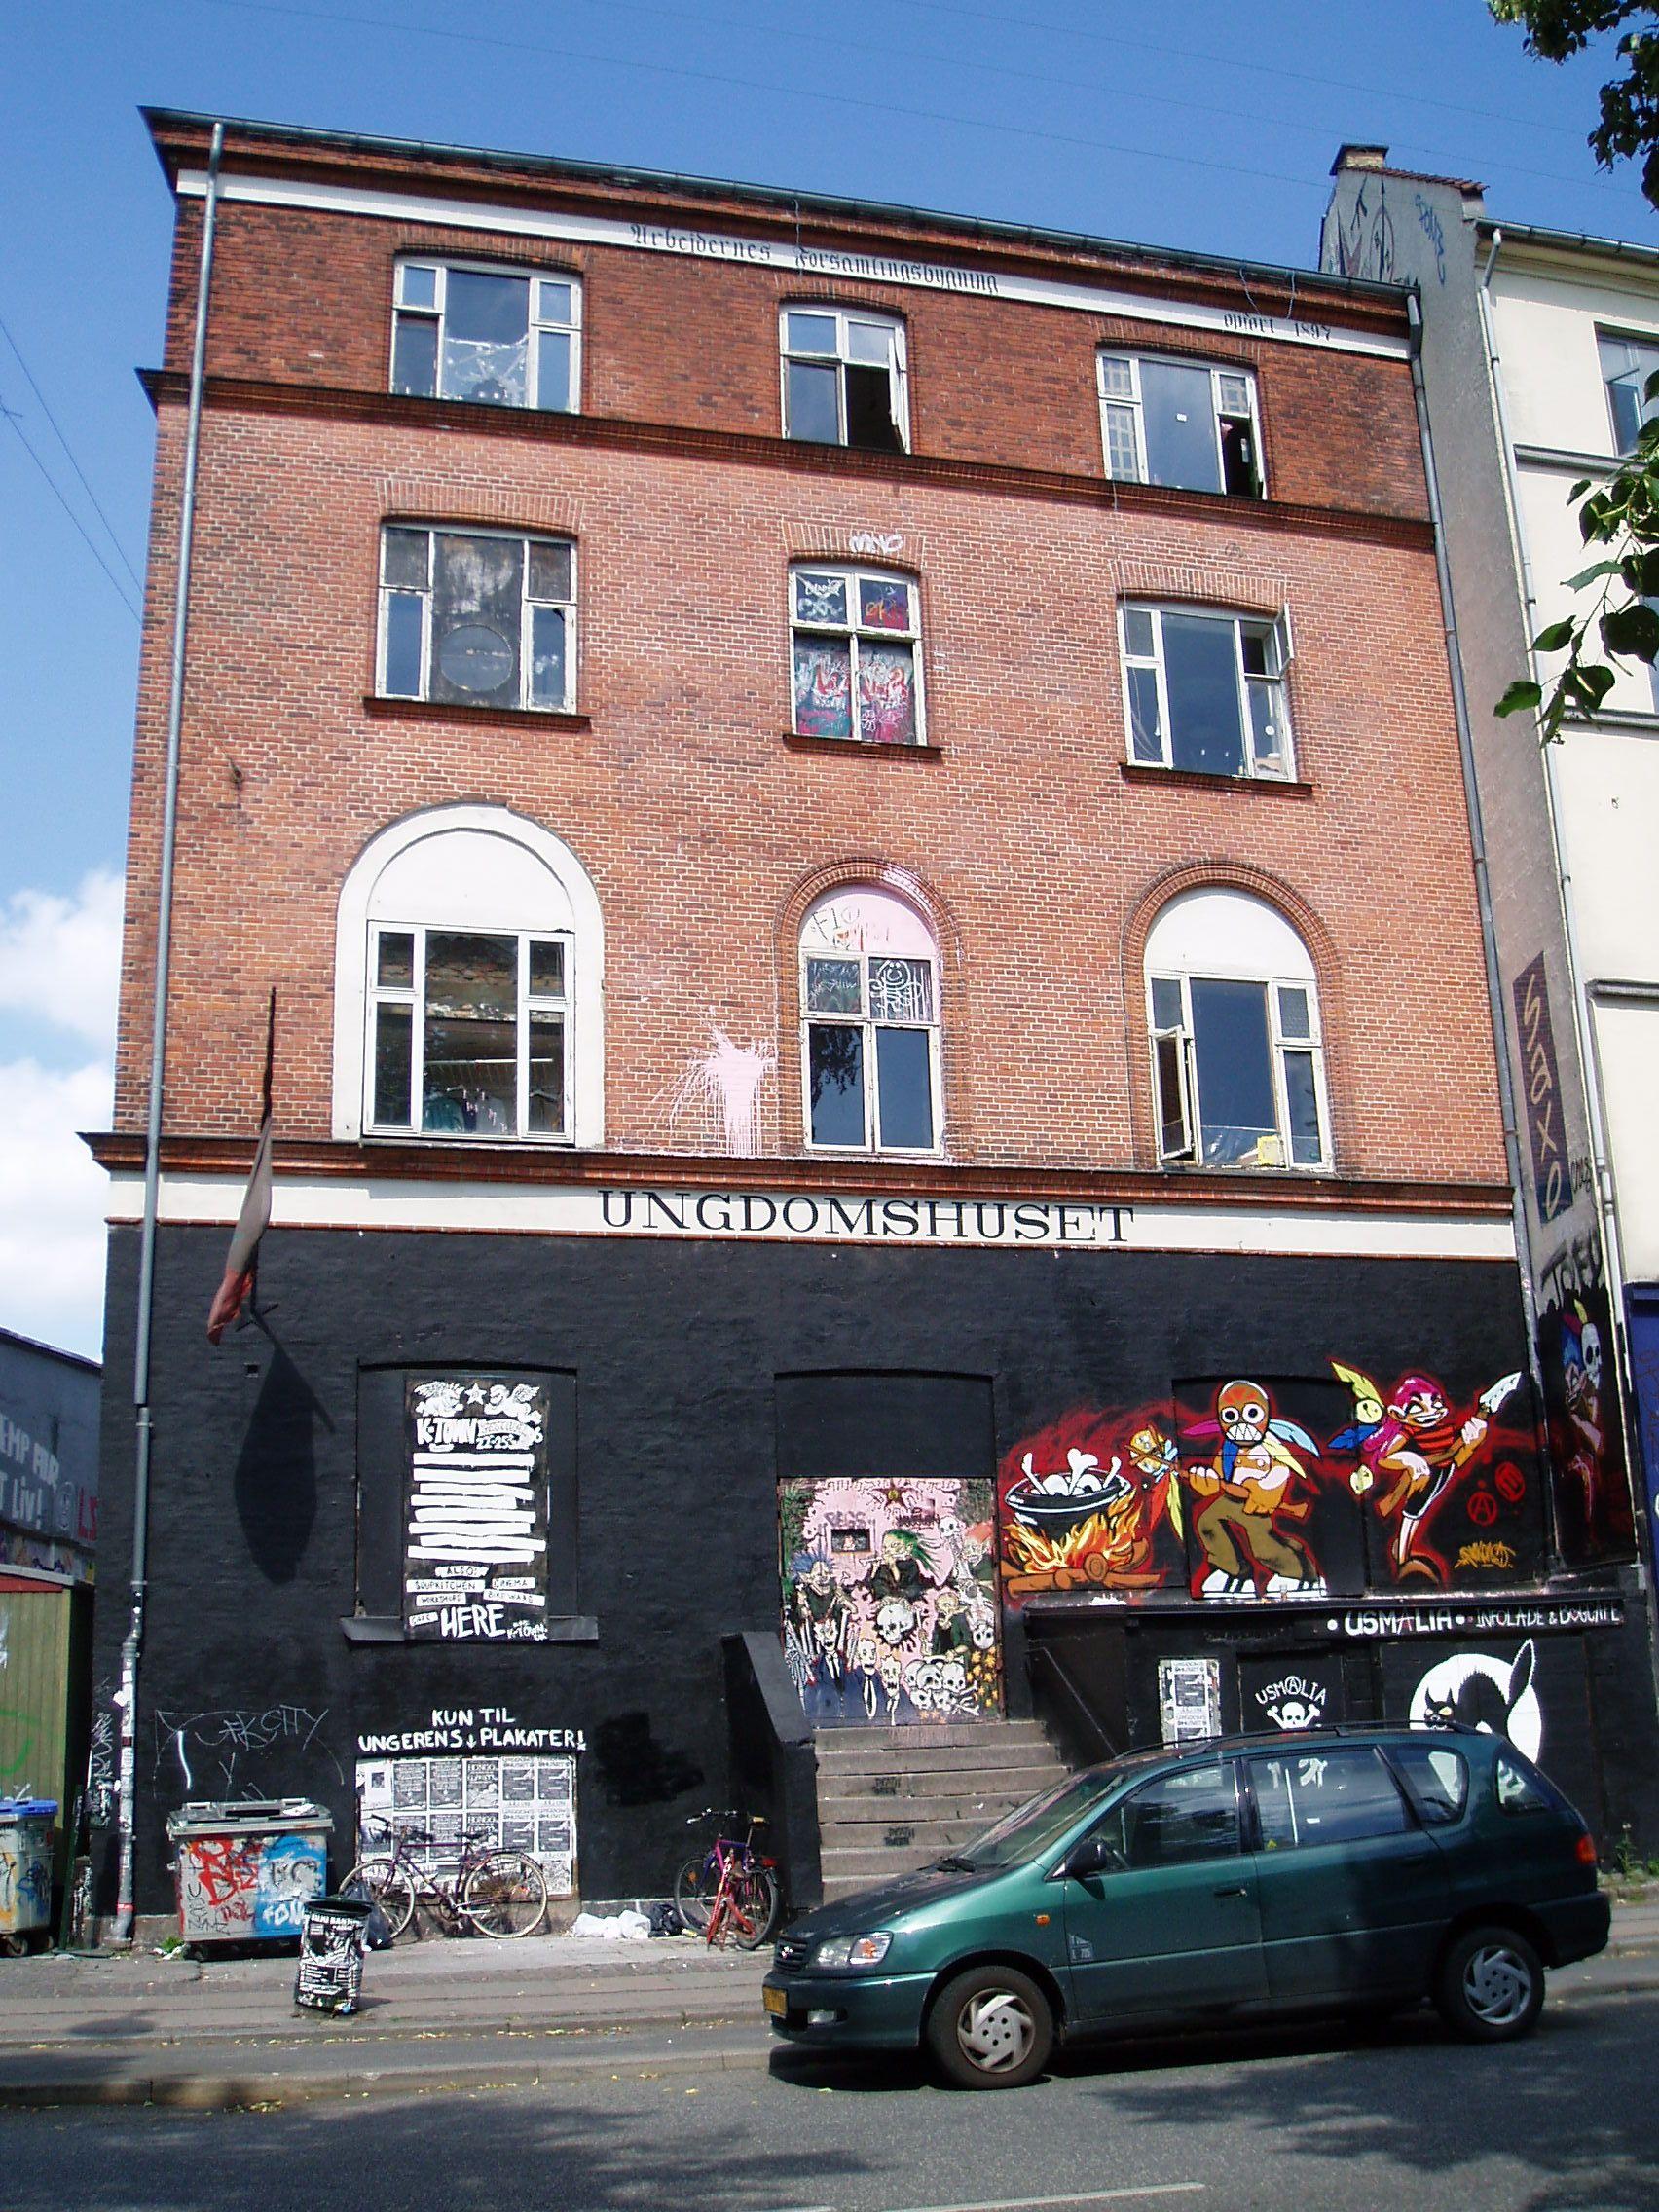 Das Ungdomshuset in Kopenhagen